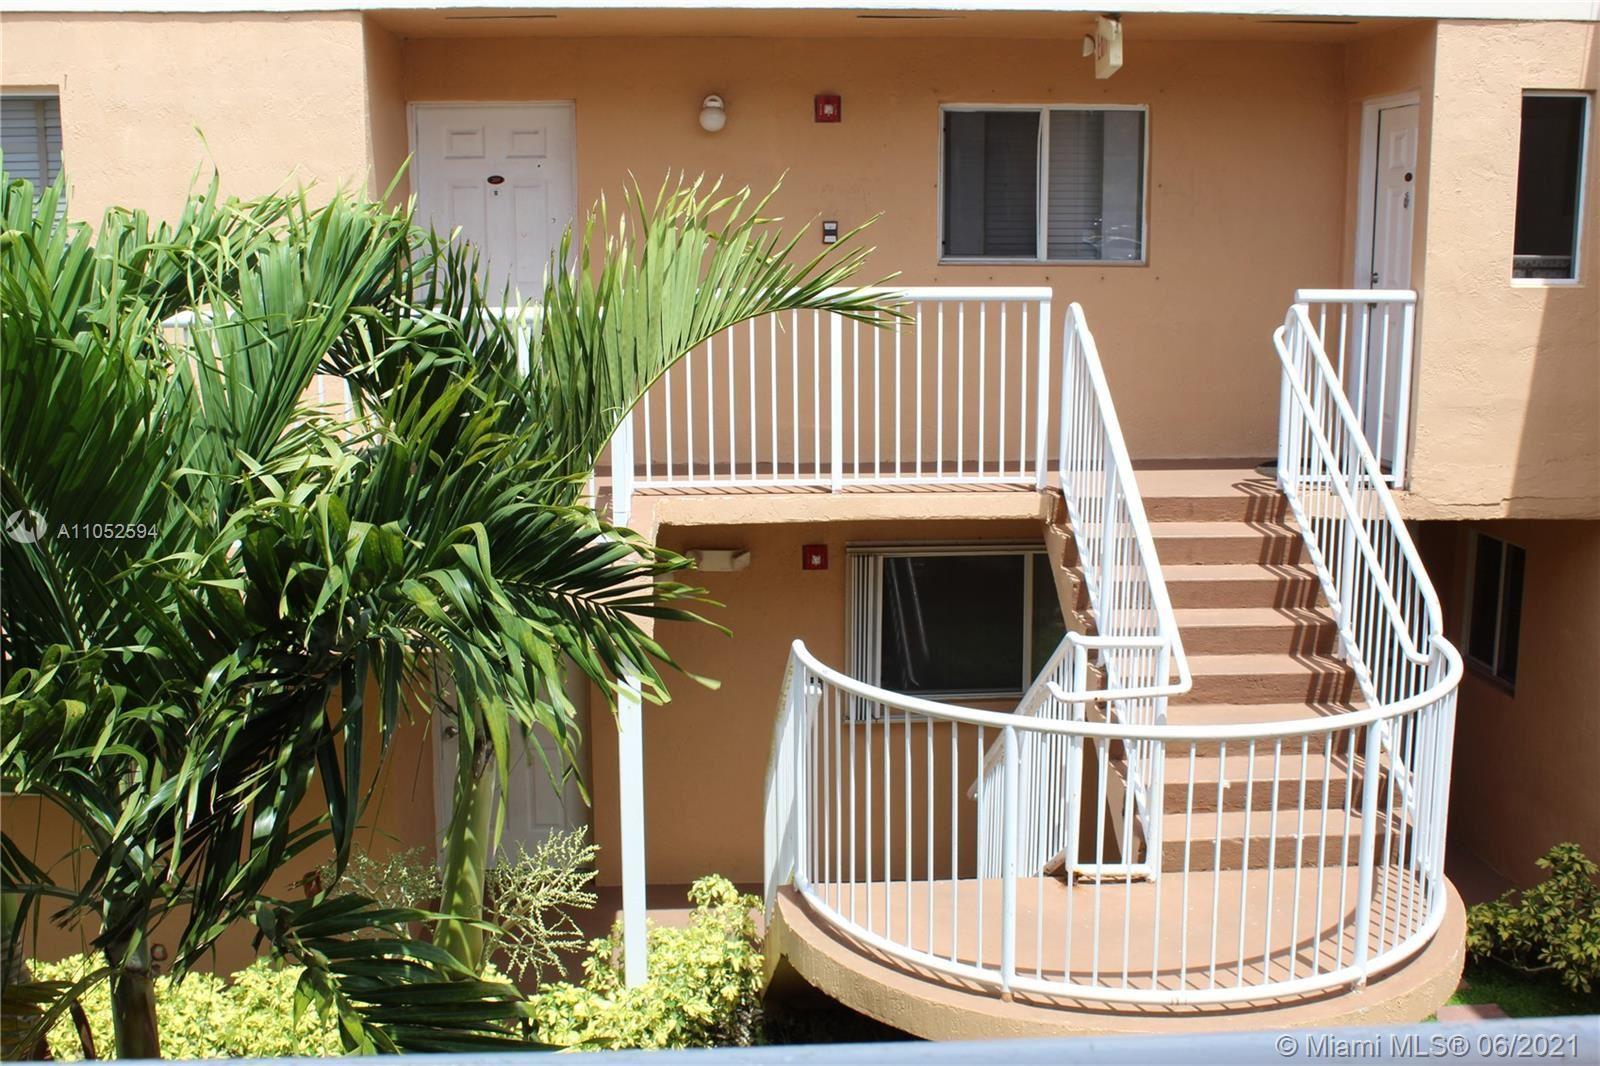 14907 SW 80th St #220, Miami, FL 33193 - #: A11052594